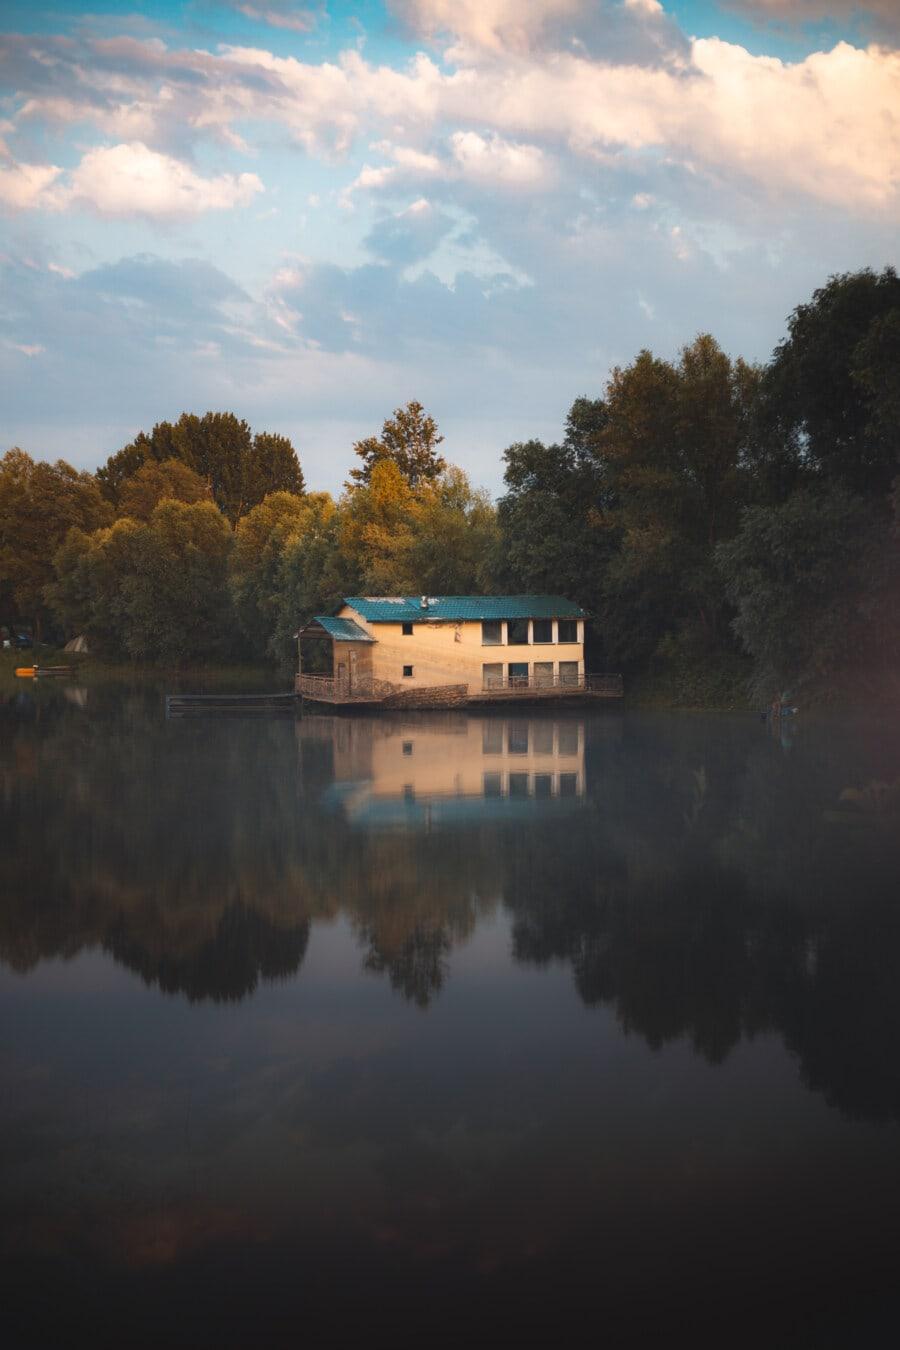 majestätisch, am See, ruhig, Bootshaus, Dämmerung, See, Reflexion, Wasser, Natur, im freien